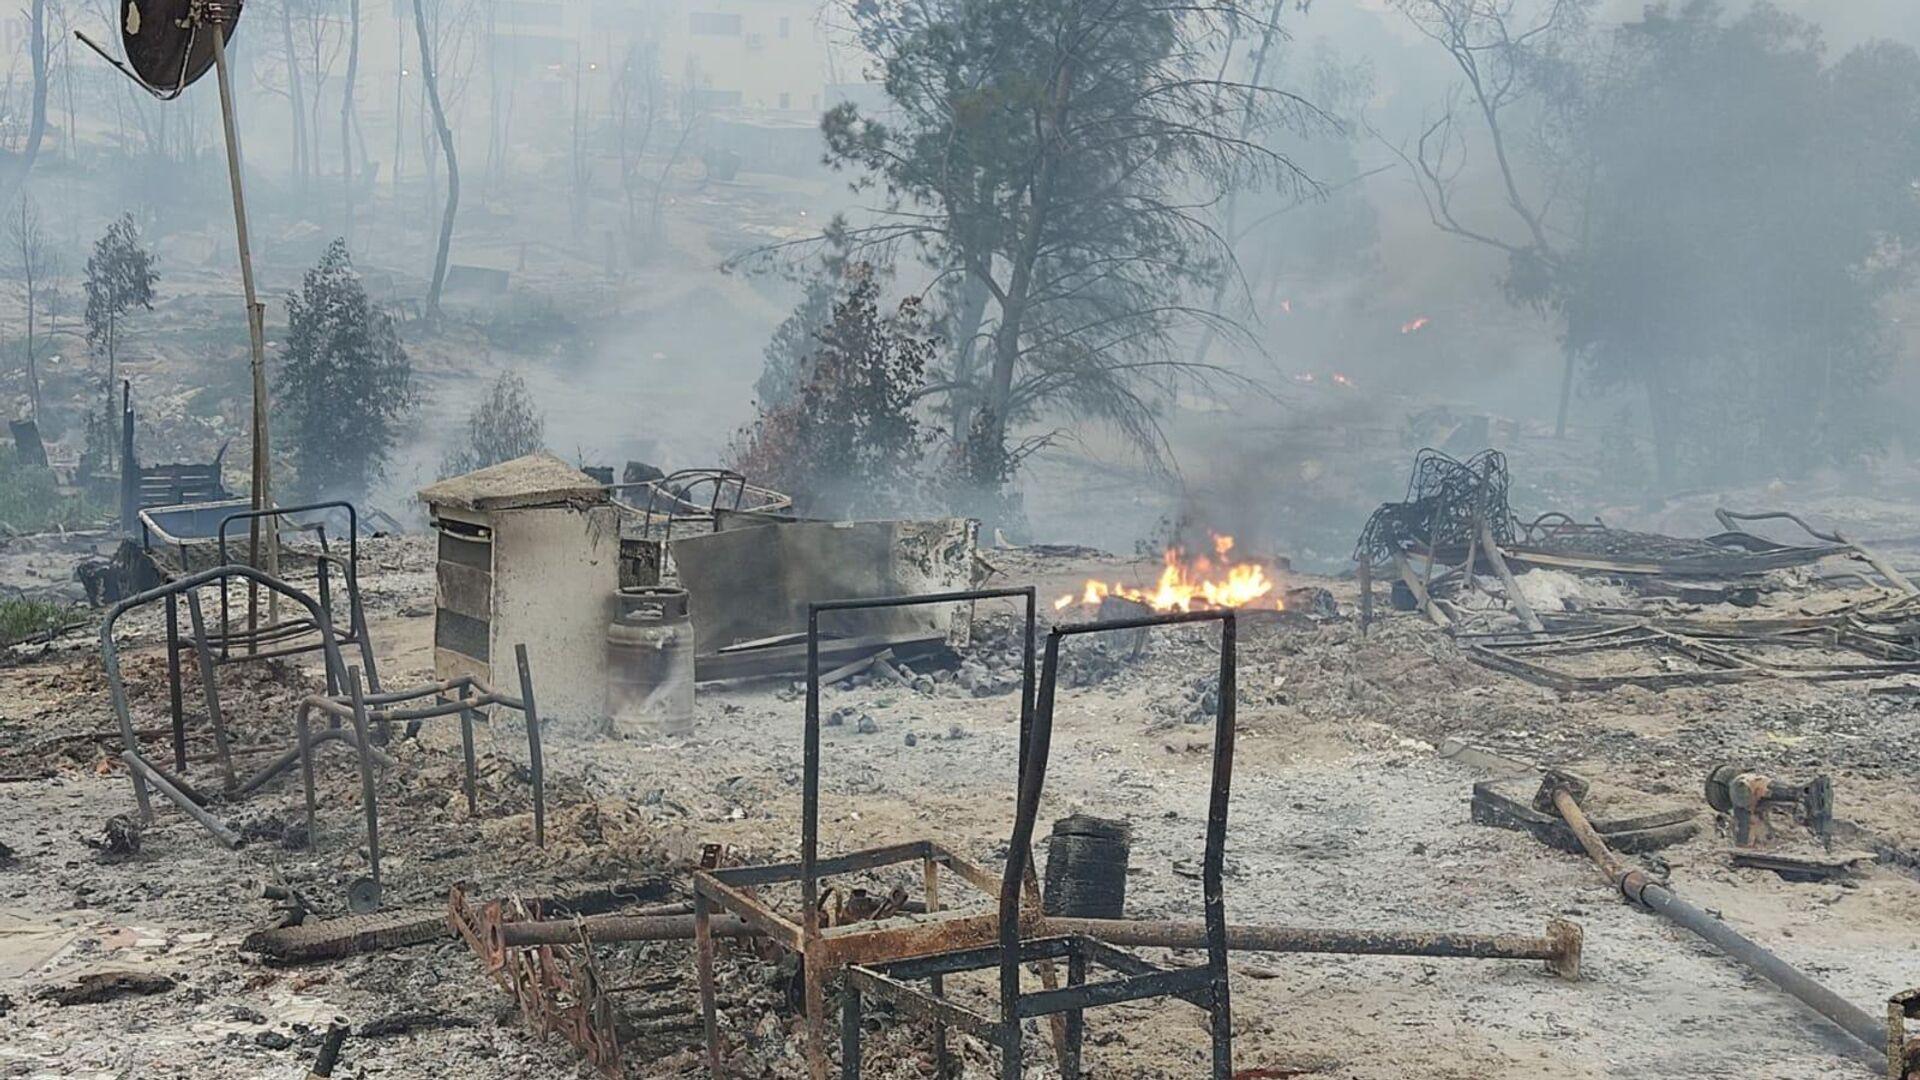 Incendio del asentamiento de inmigrantes en Palos de la Frontera - Sputnik Mundo, 1920, 19.02.2021